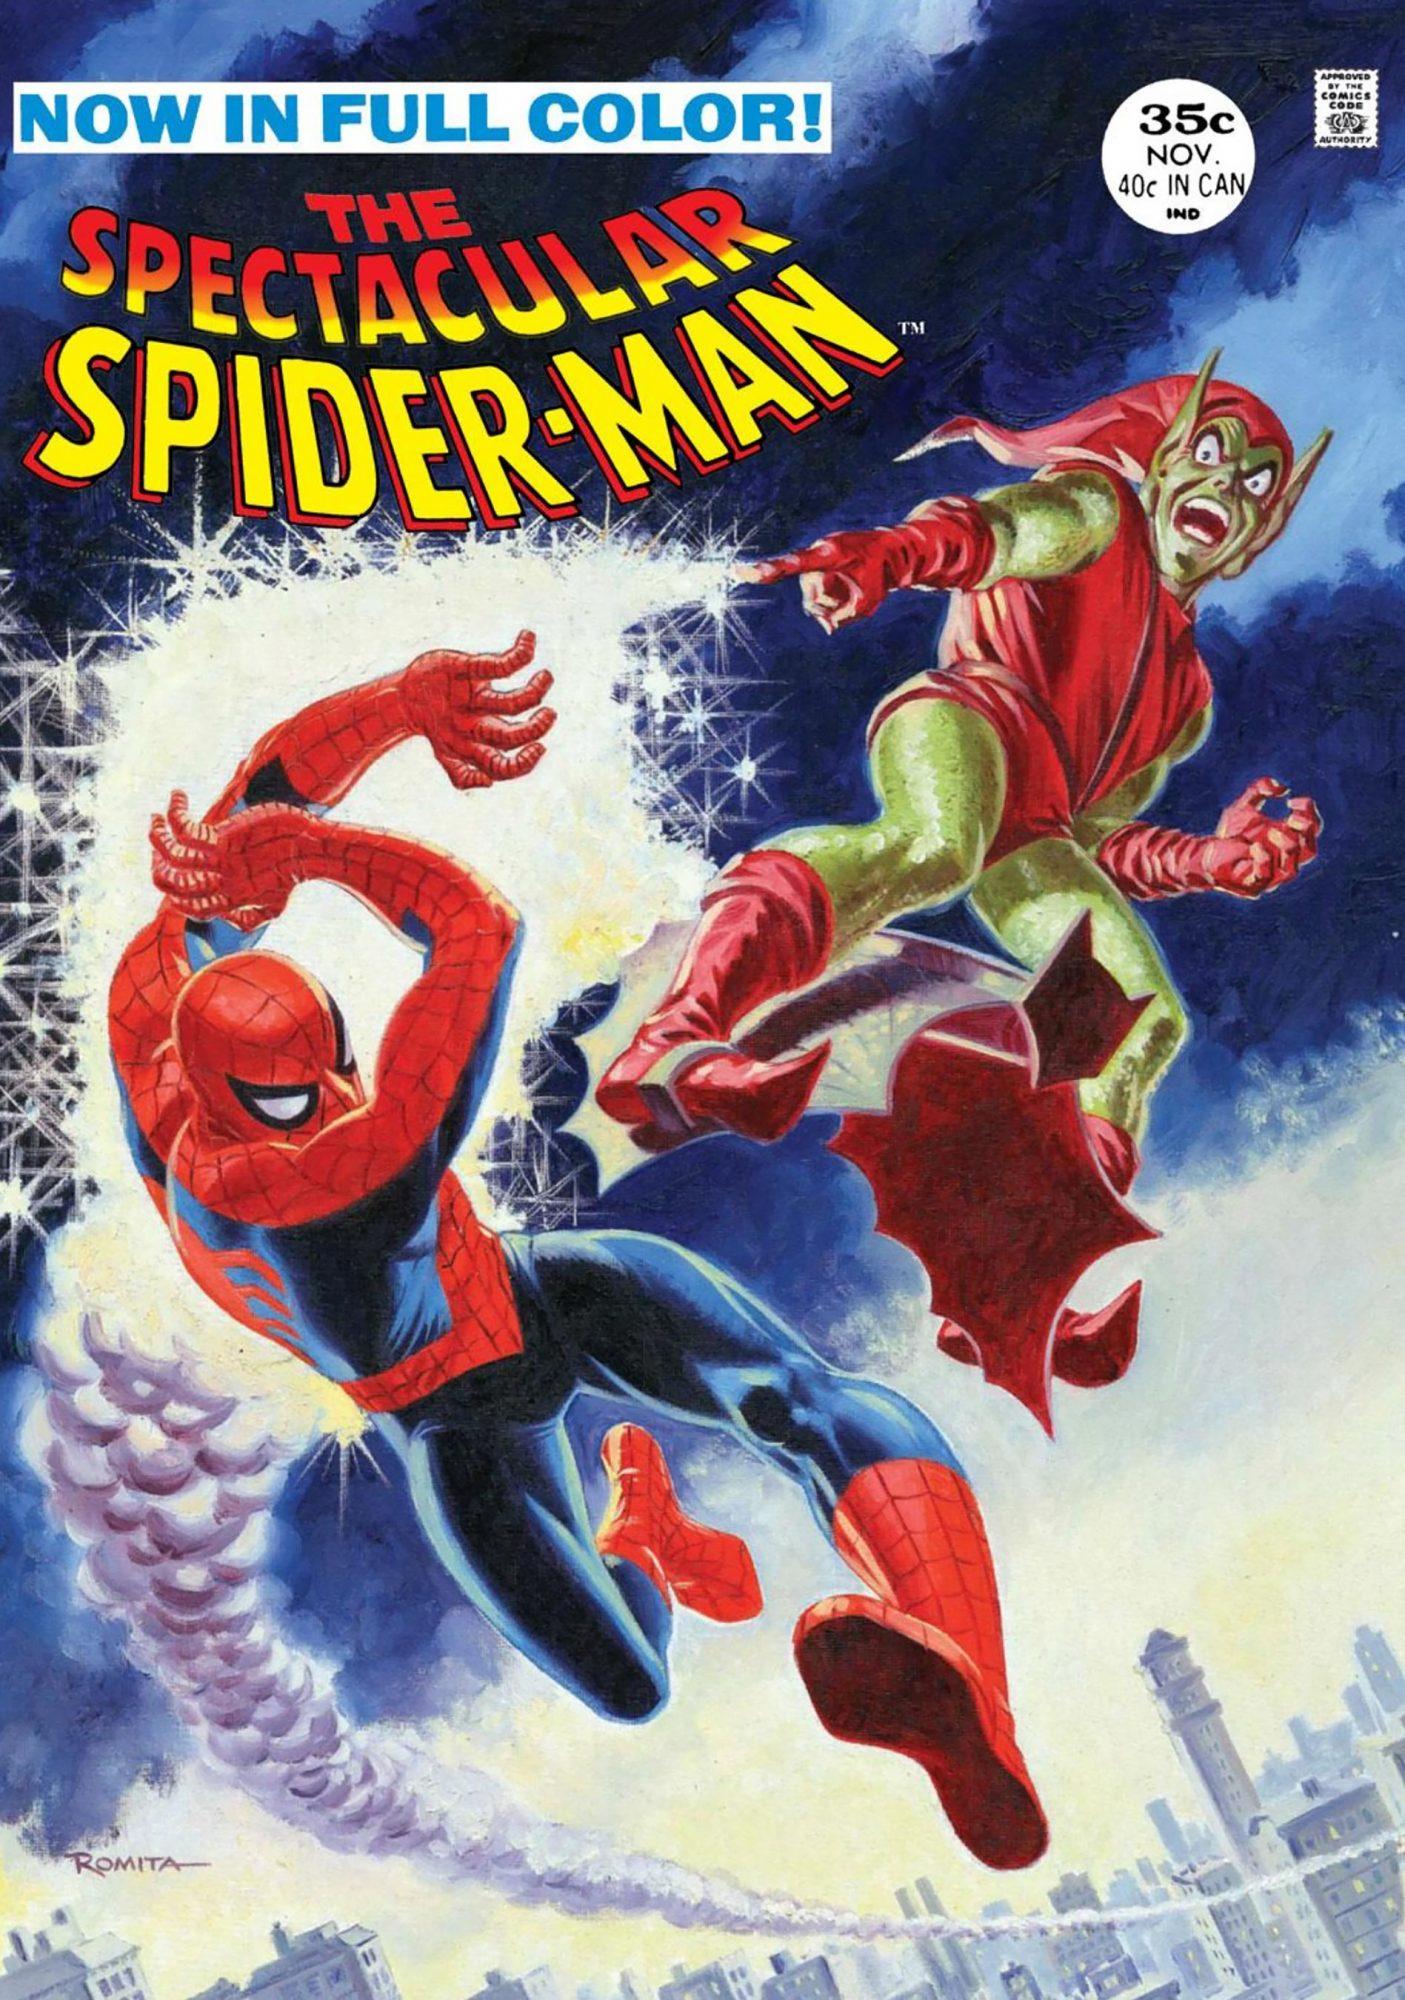 Spectacular Spider-Man #2Artist: John Romita Sr., 1968